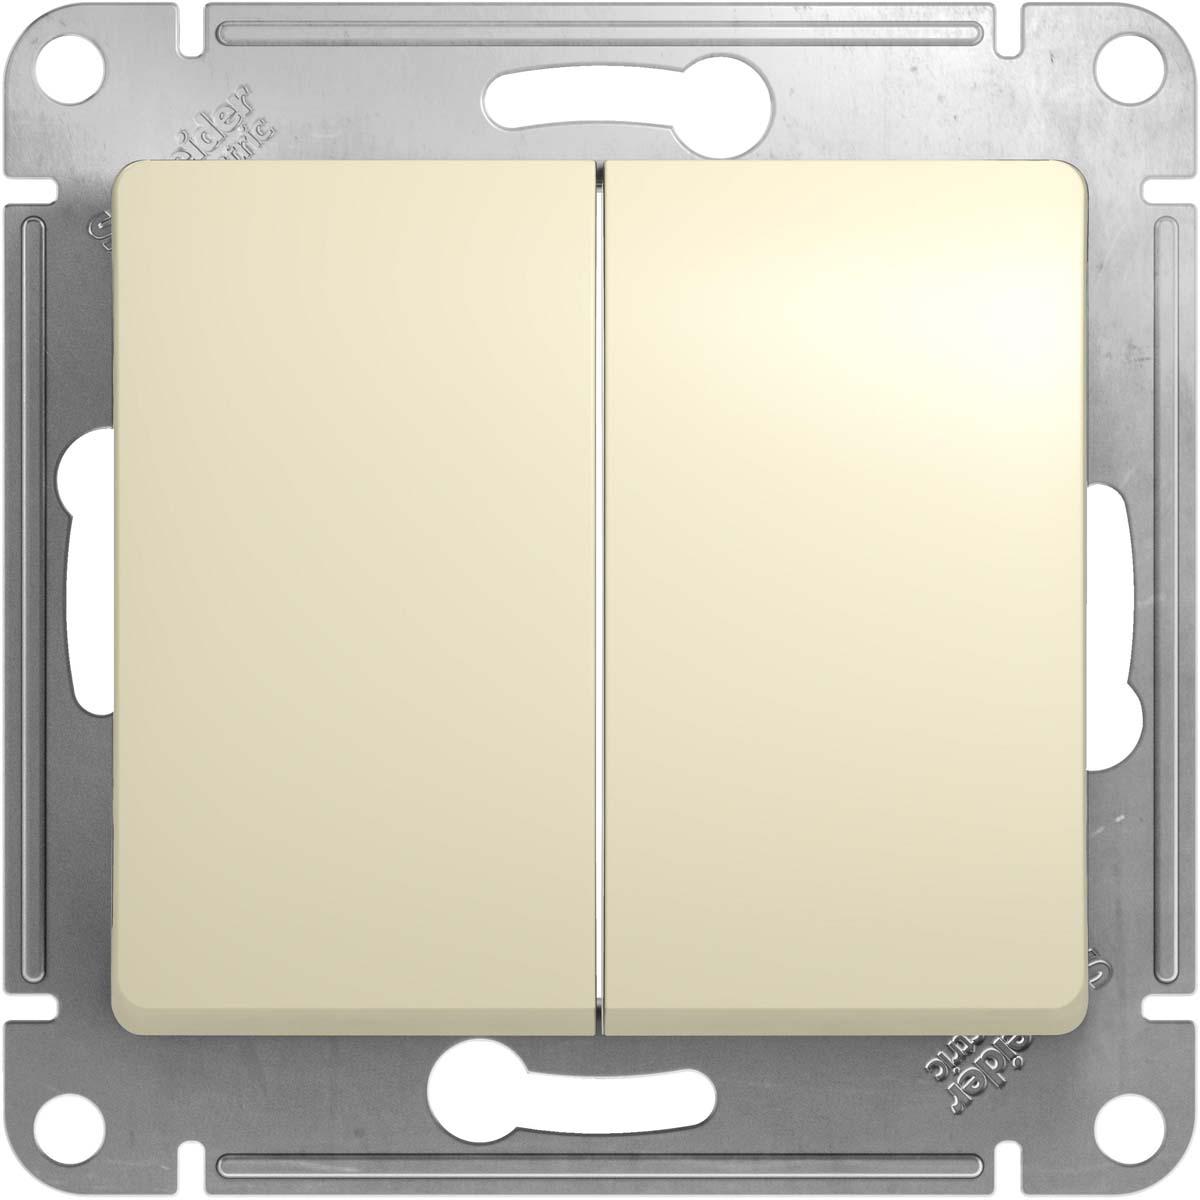 Механизм переключателя Schneider Electric Glossa, двухклавишный, схема 6 10AX, цвет: бежевыйGSL000265Двухклавишный механизм переключателя Schneider Electric Glossa, выполненный из прочного пластика и стали используется для управления освещения из двух мест: разные концы коридора, лестничная площадка двухэтажного дома. Переключатель имеет специальные фиксаторы, которые не дают ему смещаться как при монтаже, так и в процессе эксплуатации.